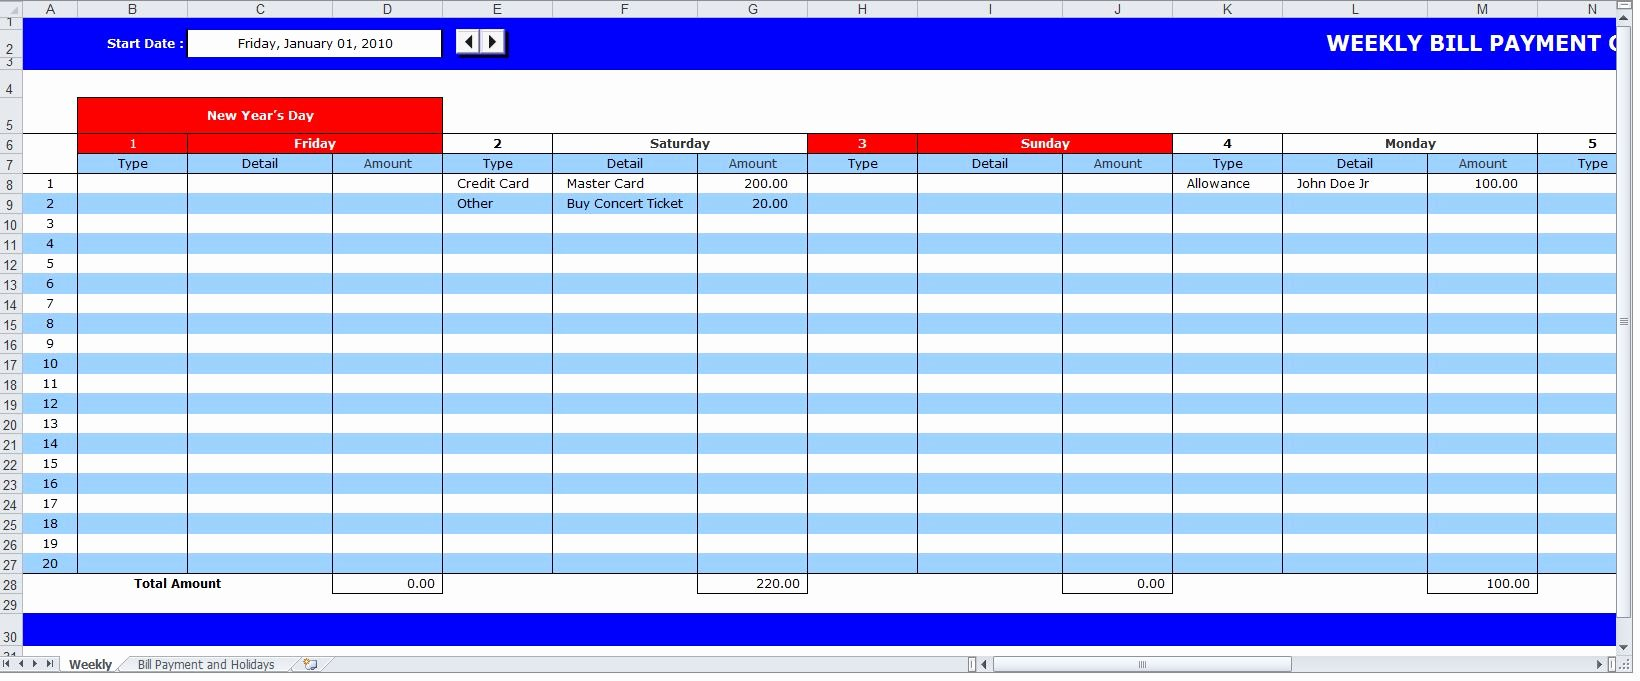 Bill Payment Schedule Template Inspirational Bill Payment Schedule